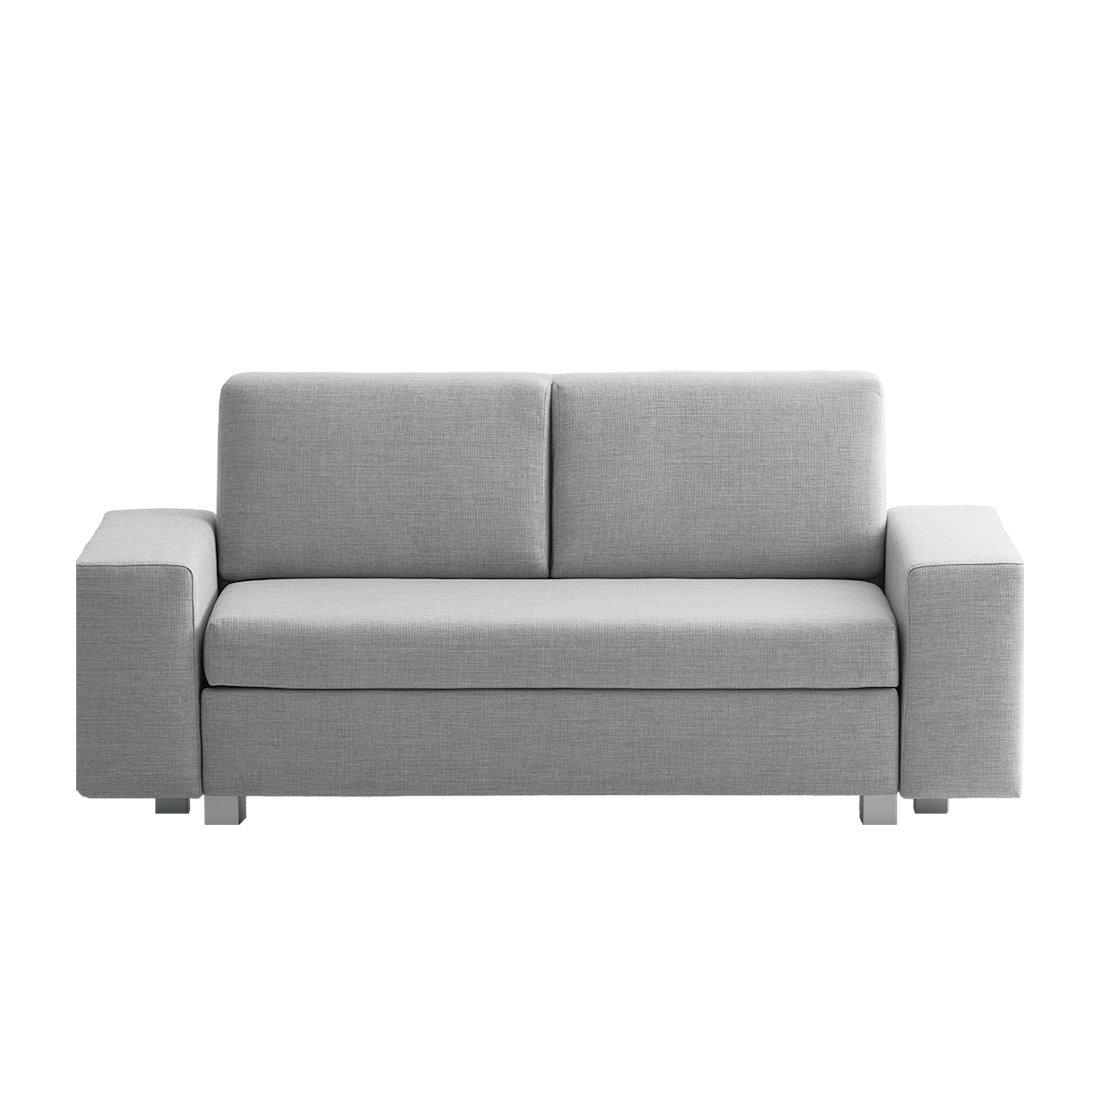 Sofas Grau Textil Breite 178 Cm Höhe 78 Cm Tiefe 82 Cm Sitzhöhe